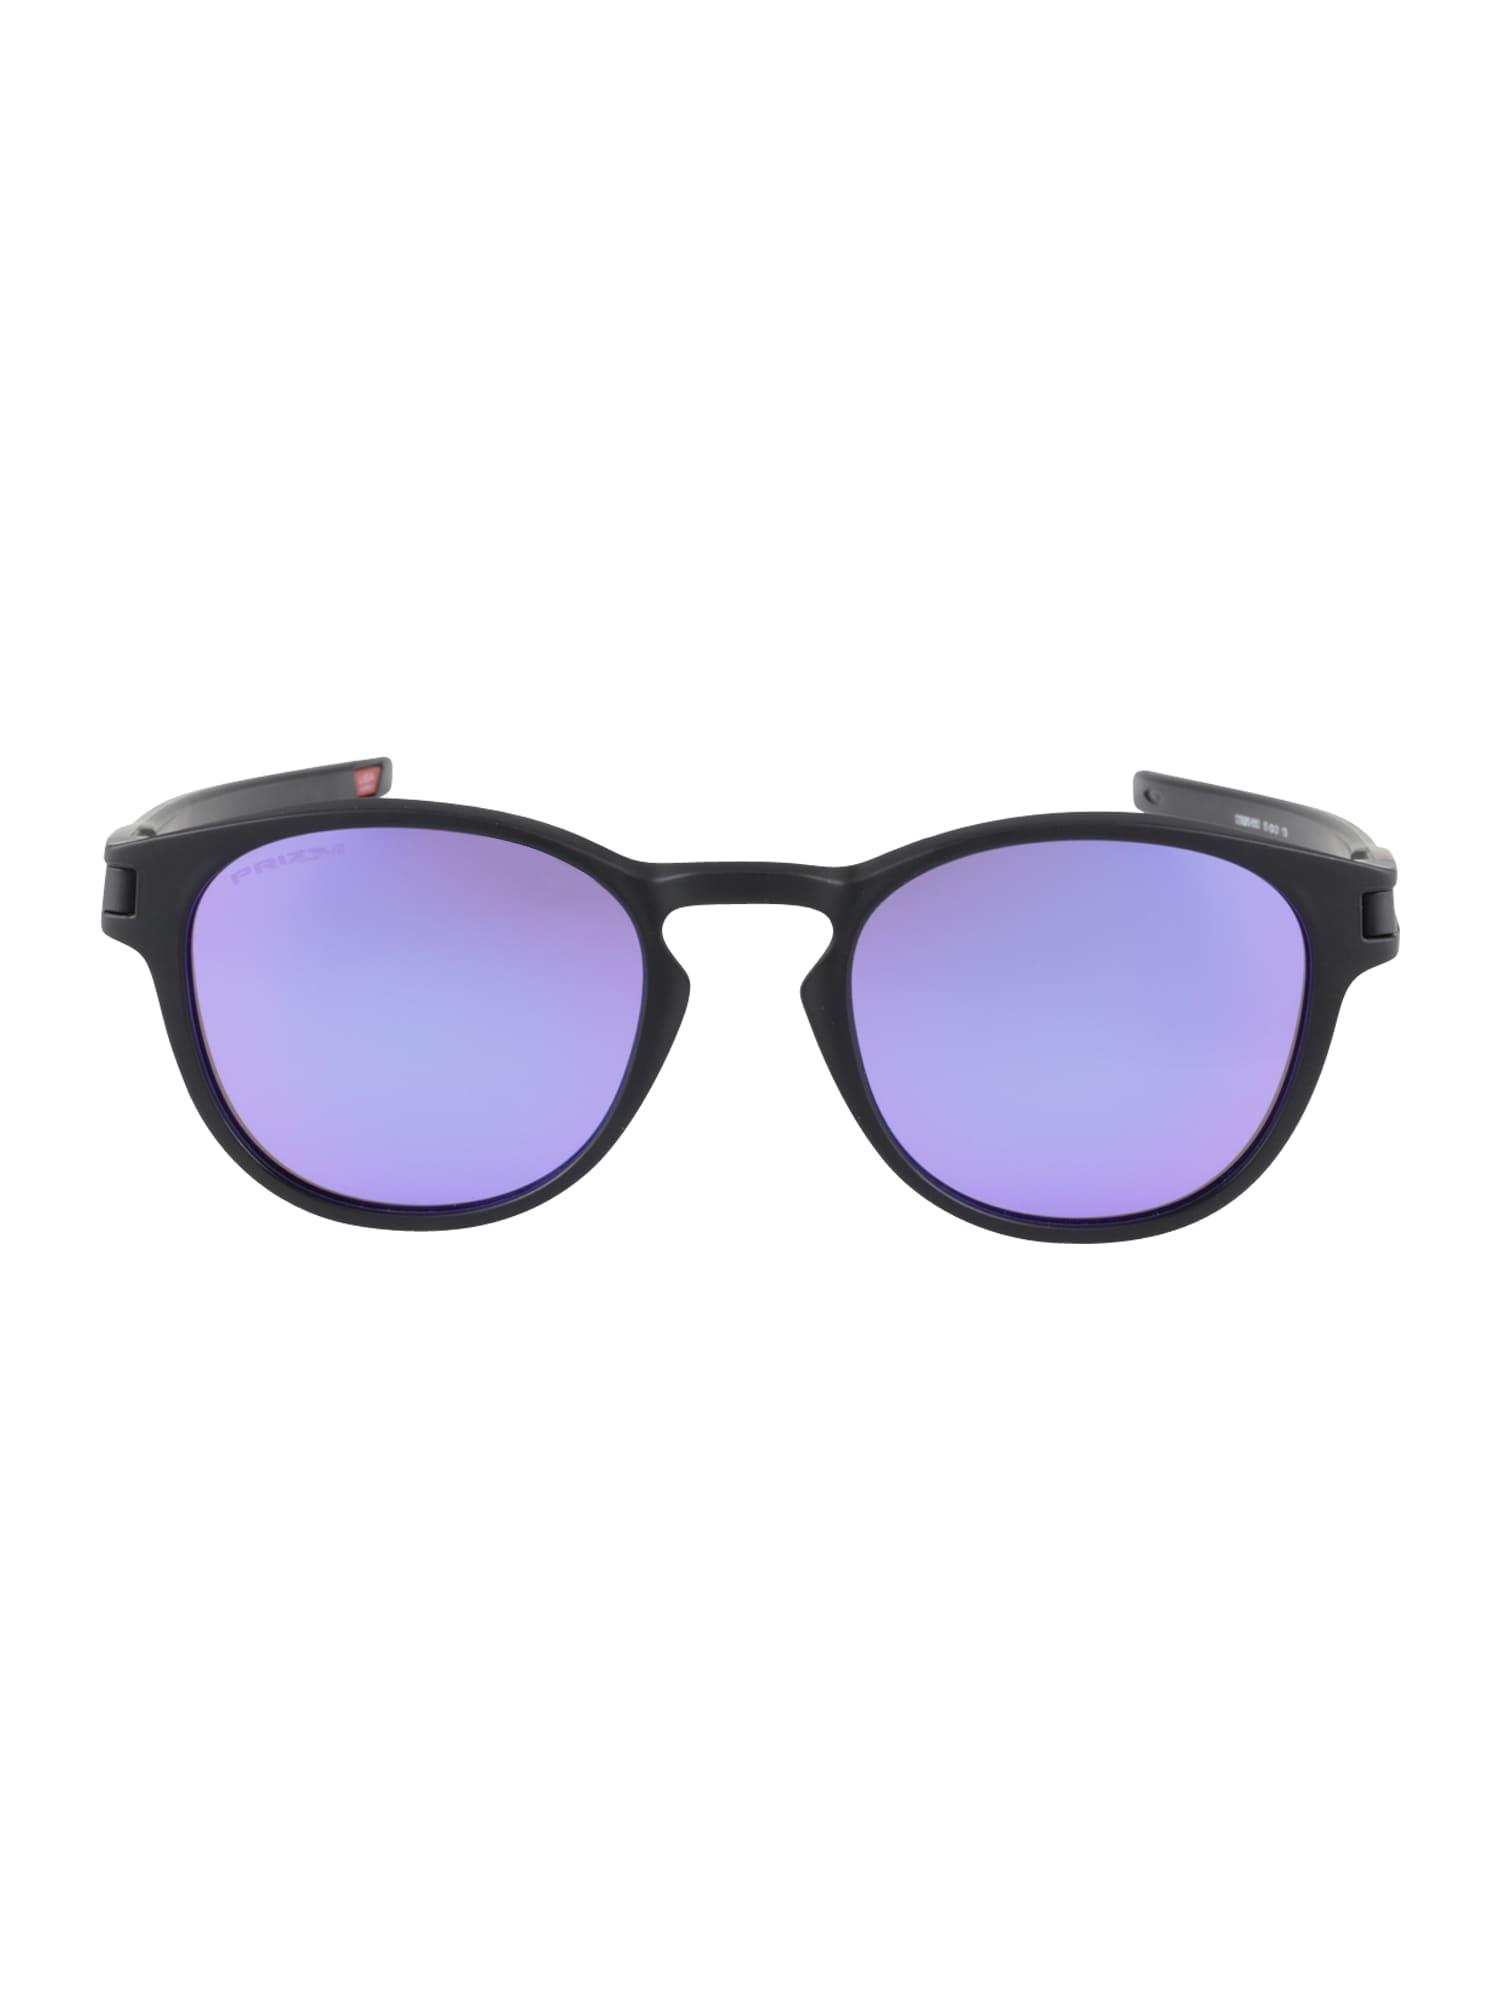 OAKLEY Akiniai nuo saulės 'Latch' purpurinė / juoda